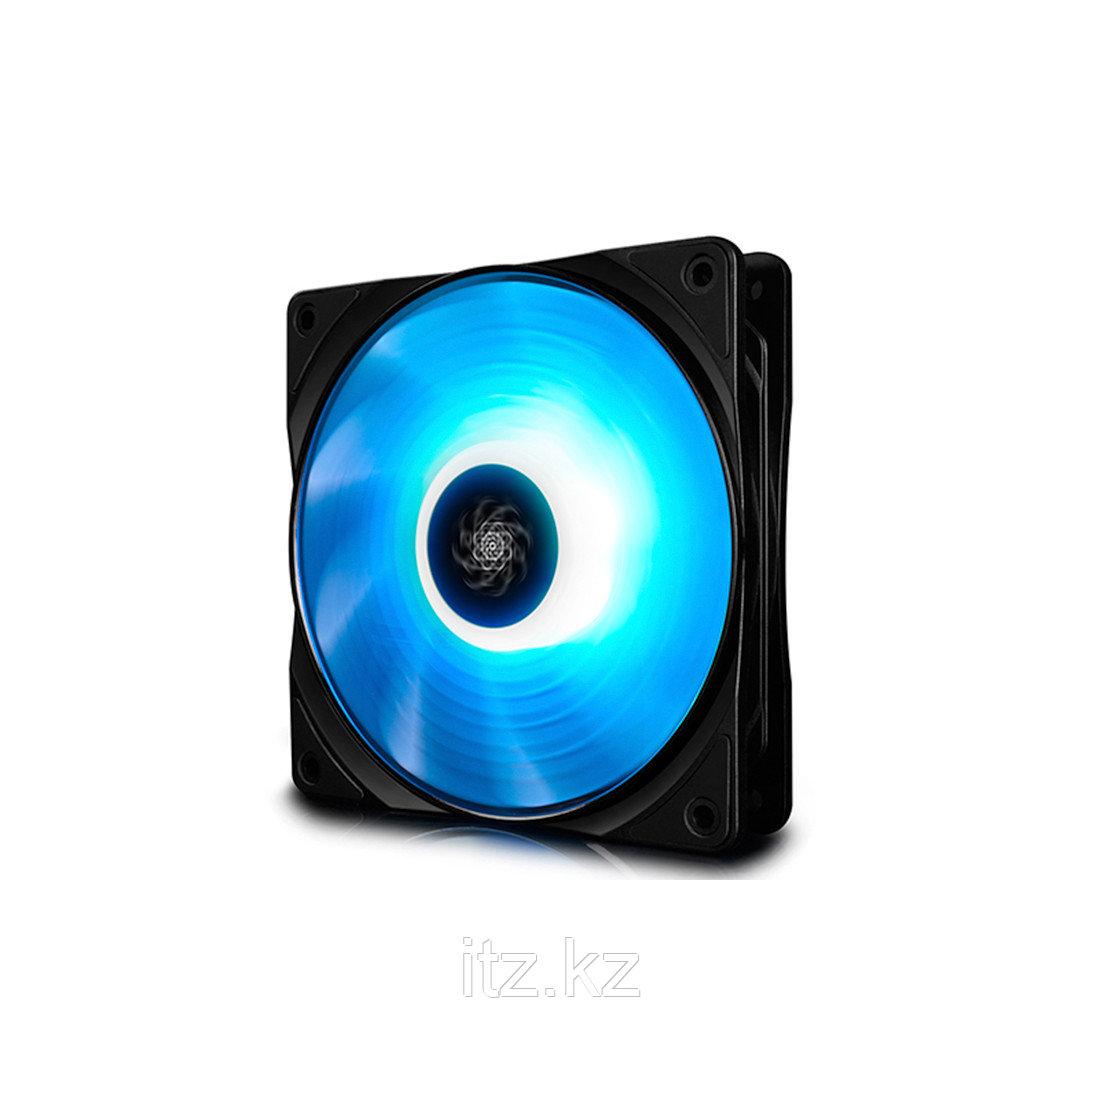 Кулер для компьютерного корпуса Deepcool 120 мм RGB